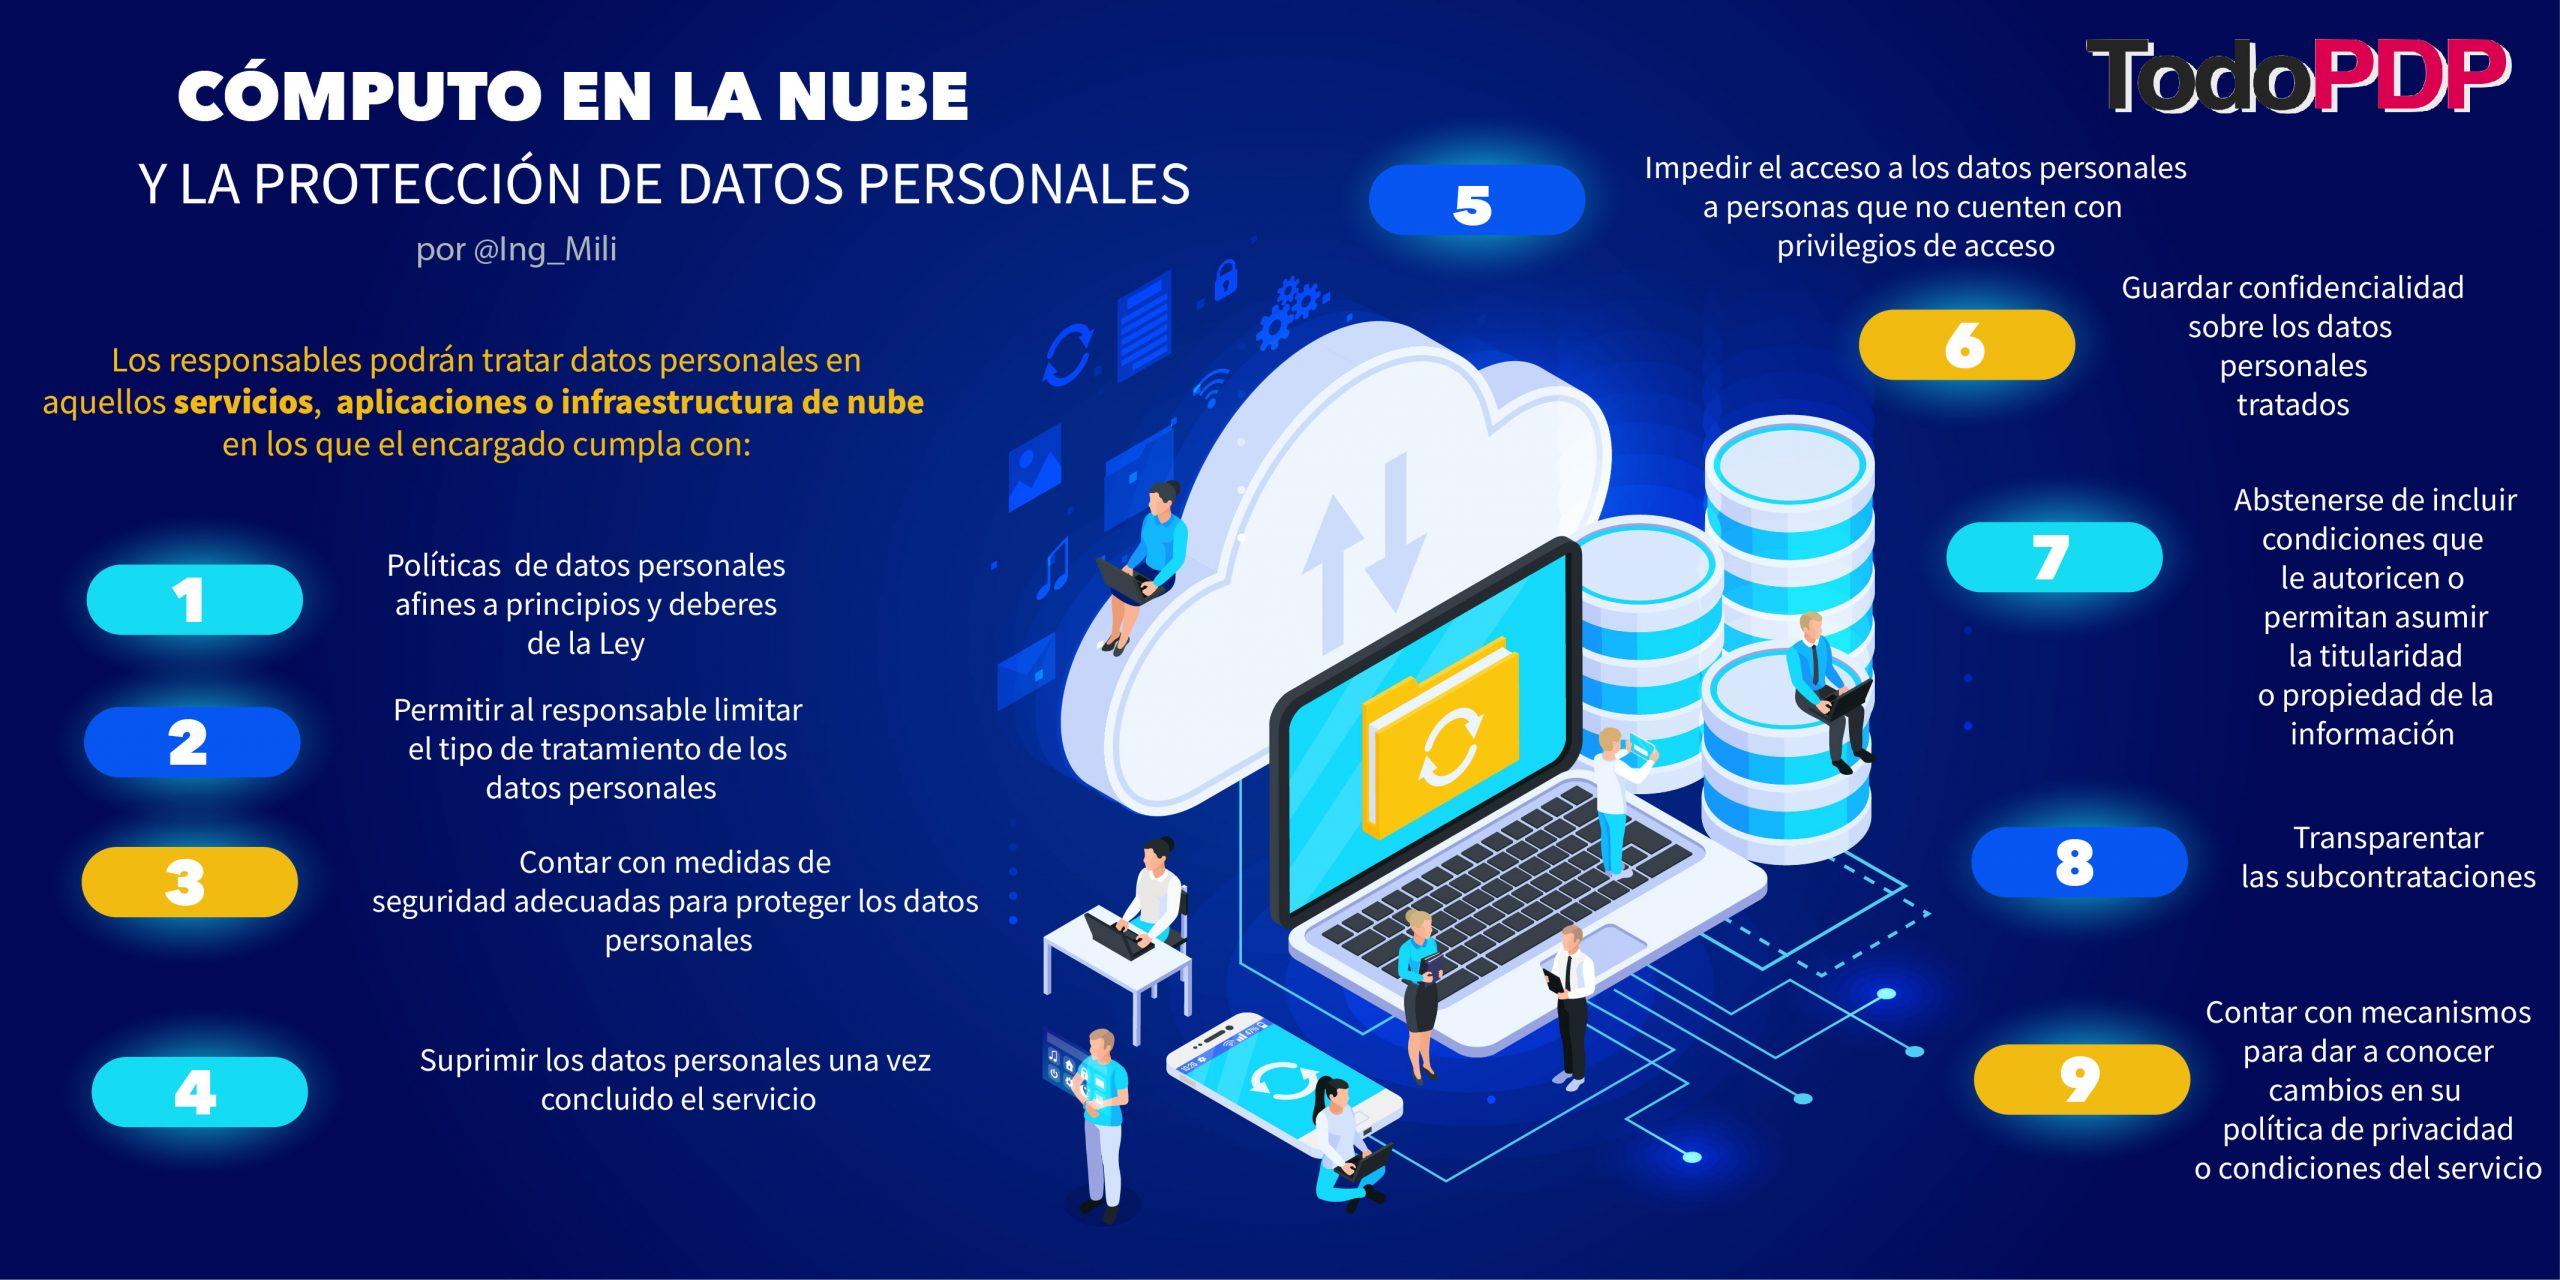 Cómputo en la nube y la protección de datos personales